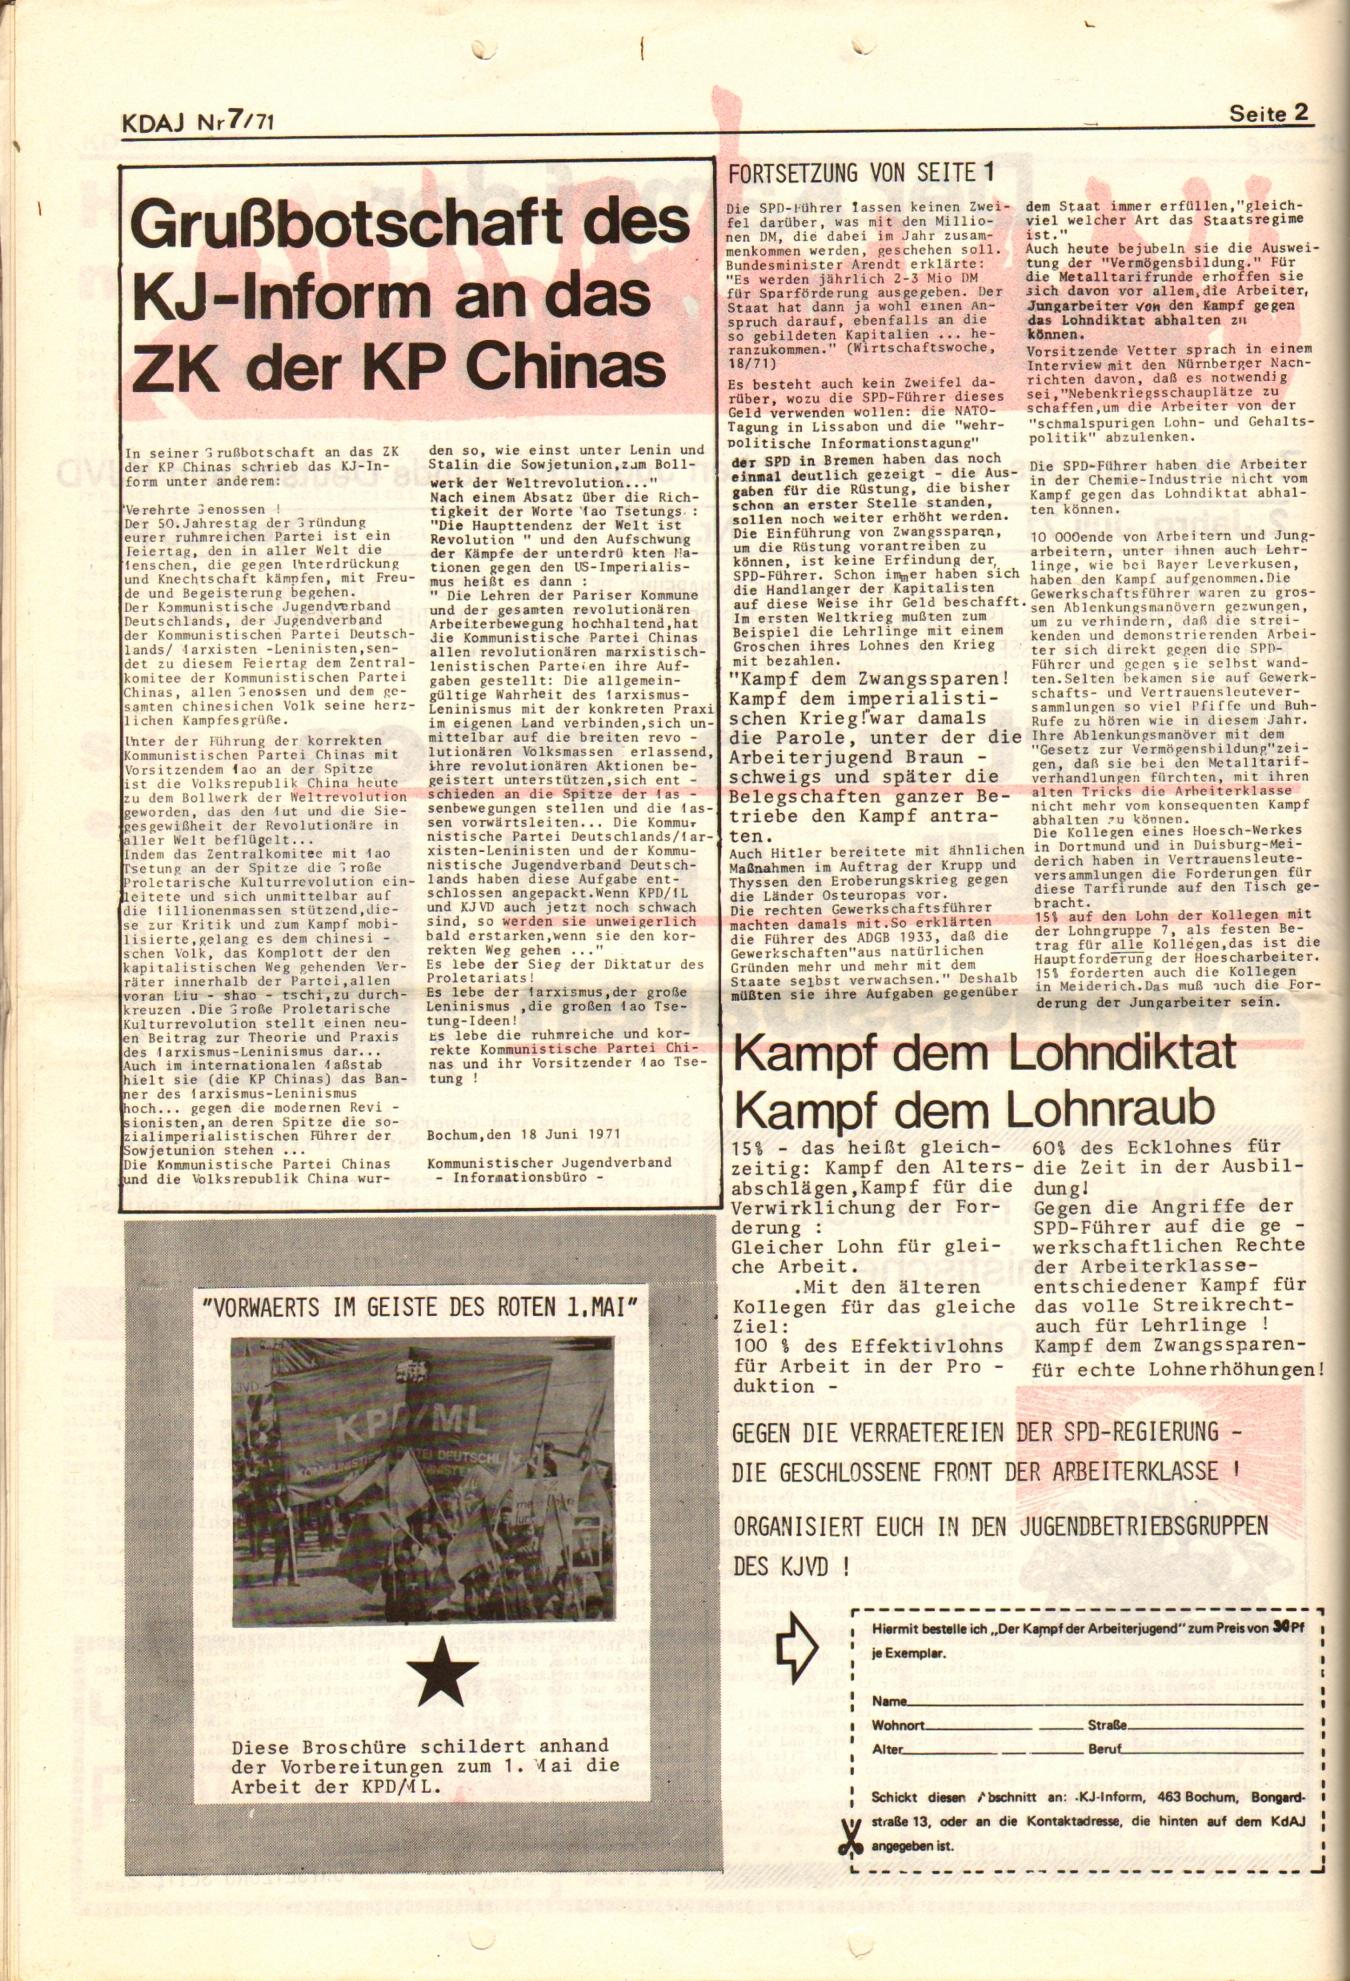 KDAJ, 2. Jg., Juli 1971, Nr. 7, Seite 2